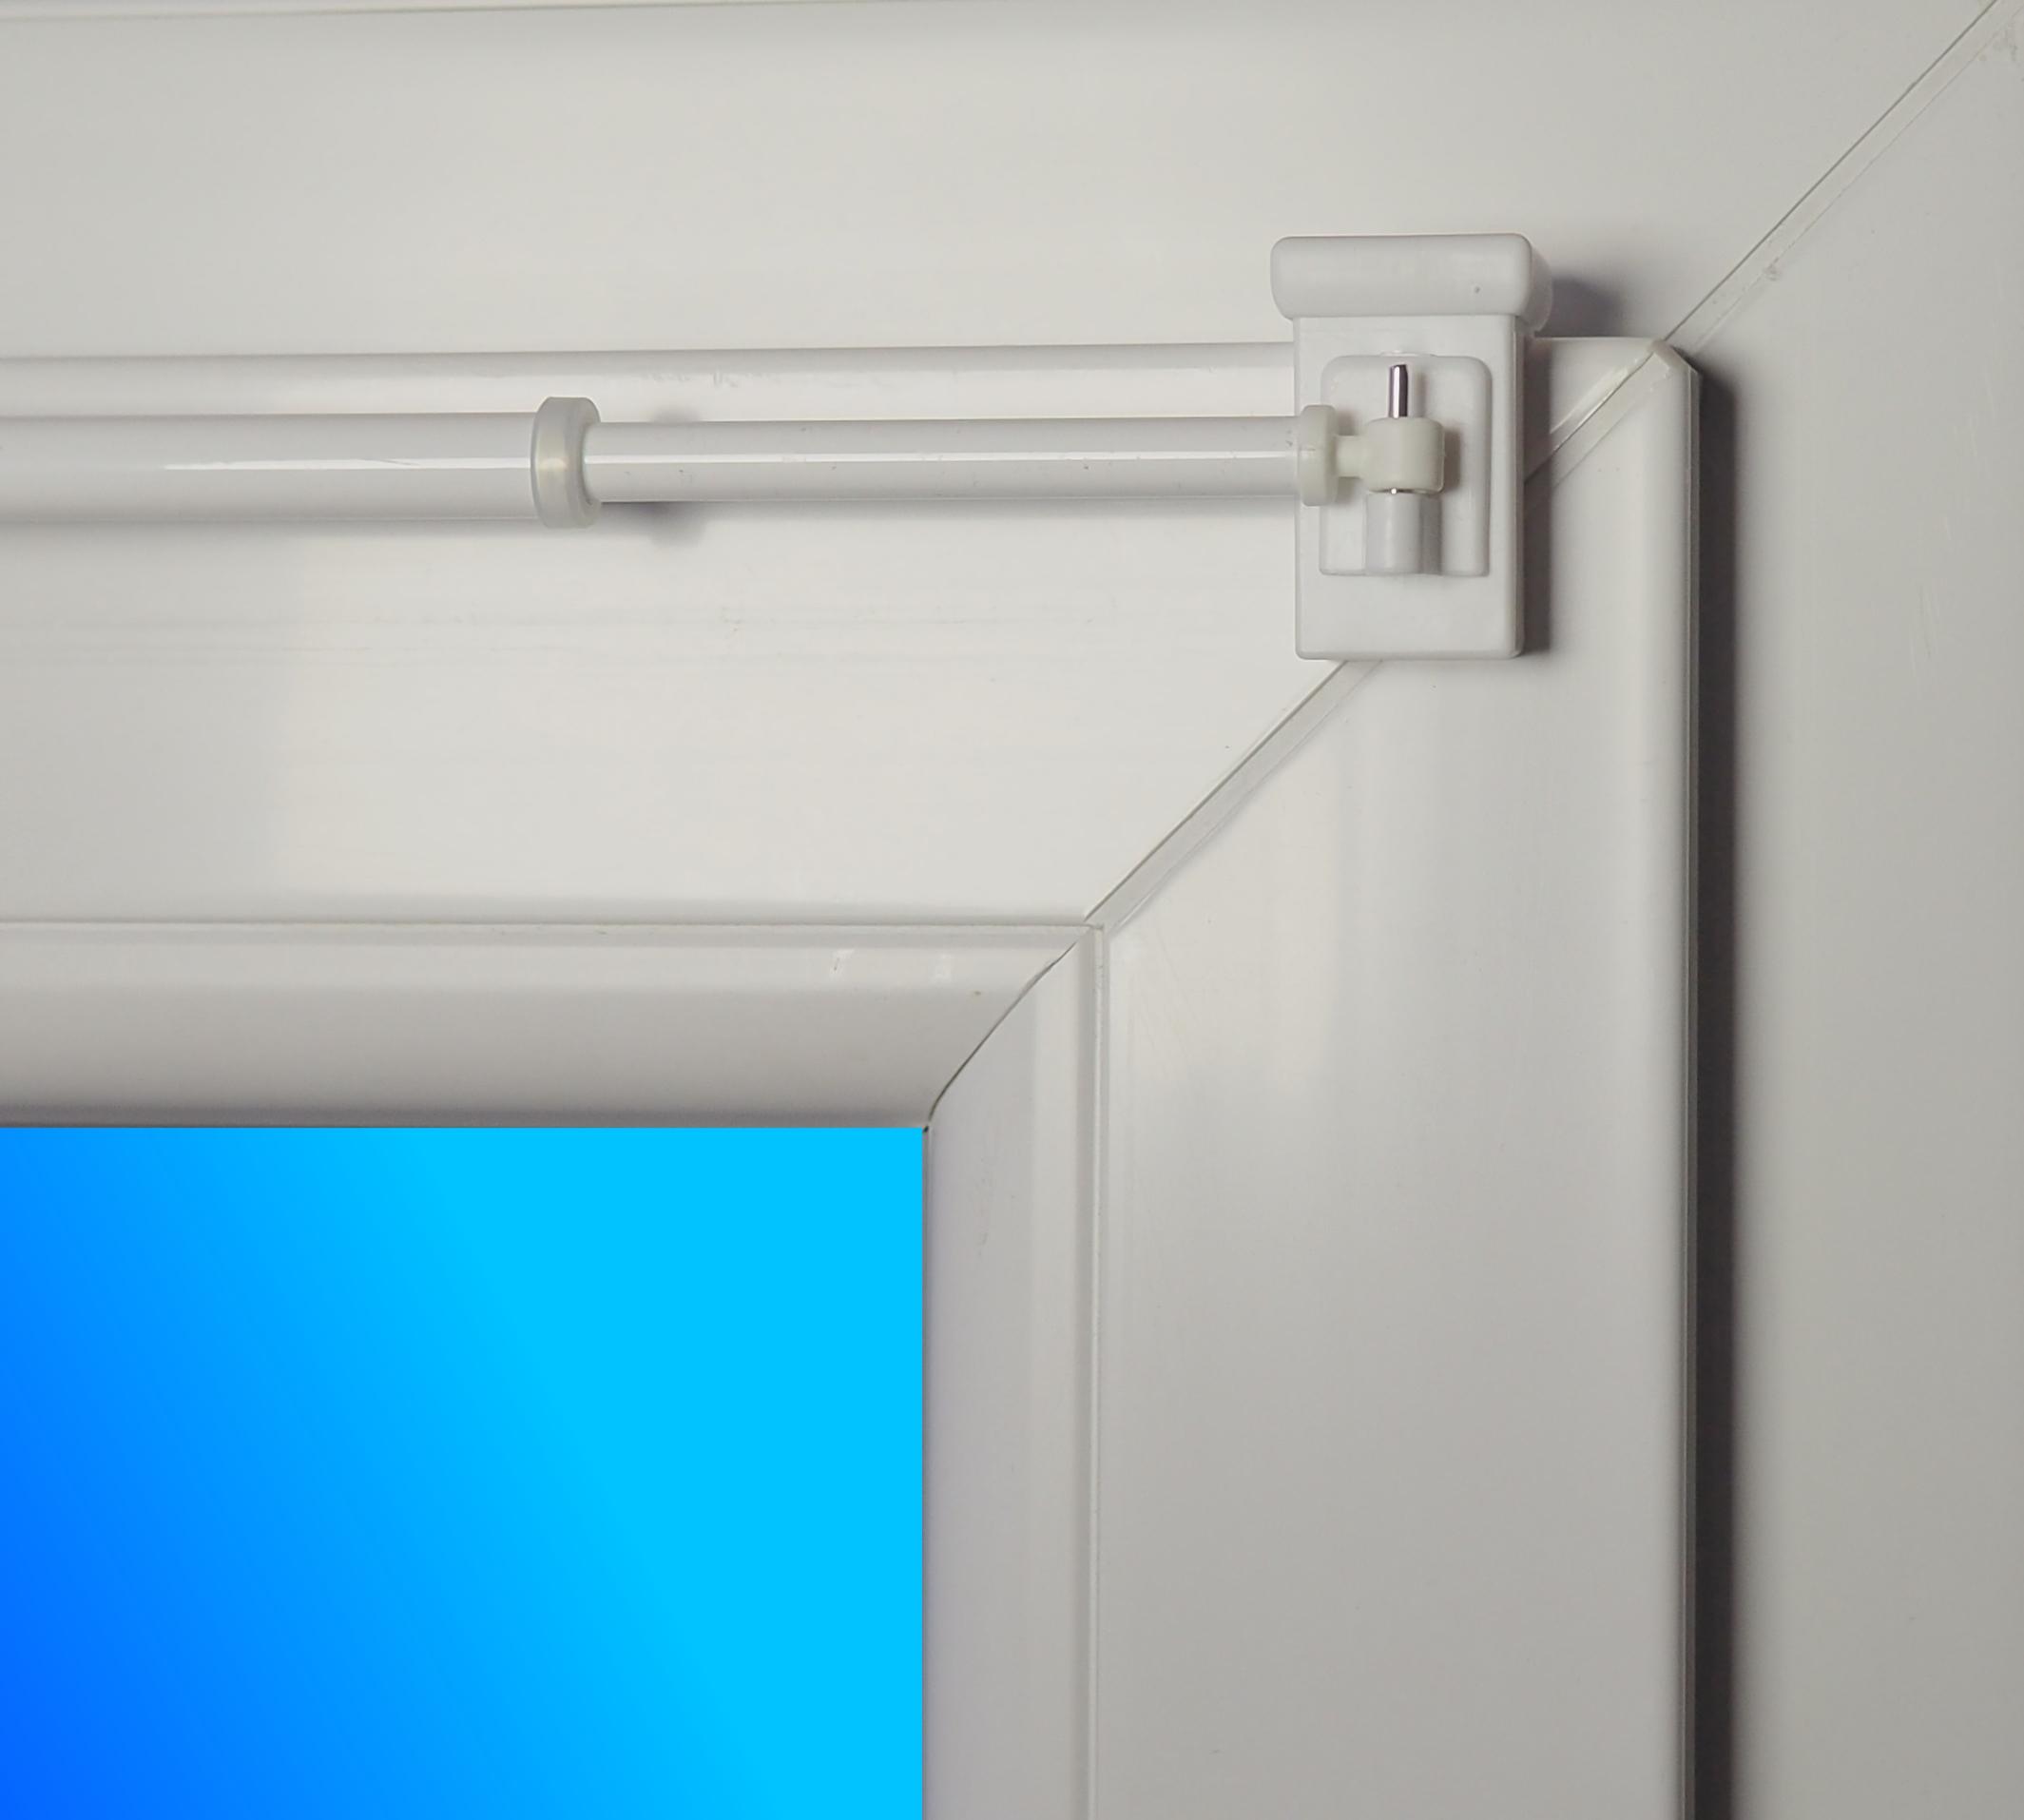 befestigung ohne schrauben elegant nie wieder bohren ohne bohren with befestigung ohne. Black Bedroom Furniture Sets. Home Design Ideas